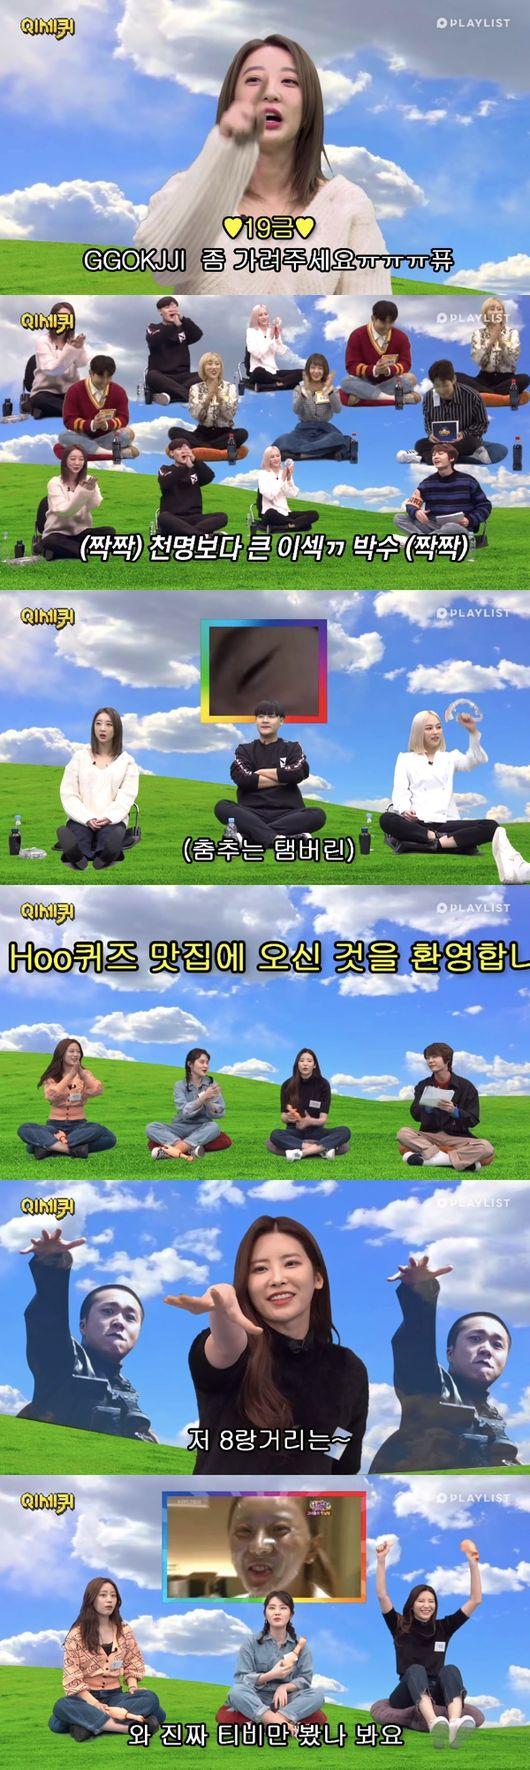 예능패치 성공…이세퀴→놀라운 토요일, 퀴즈쇼 제 2막 열었다[Oh!쎈 레터]